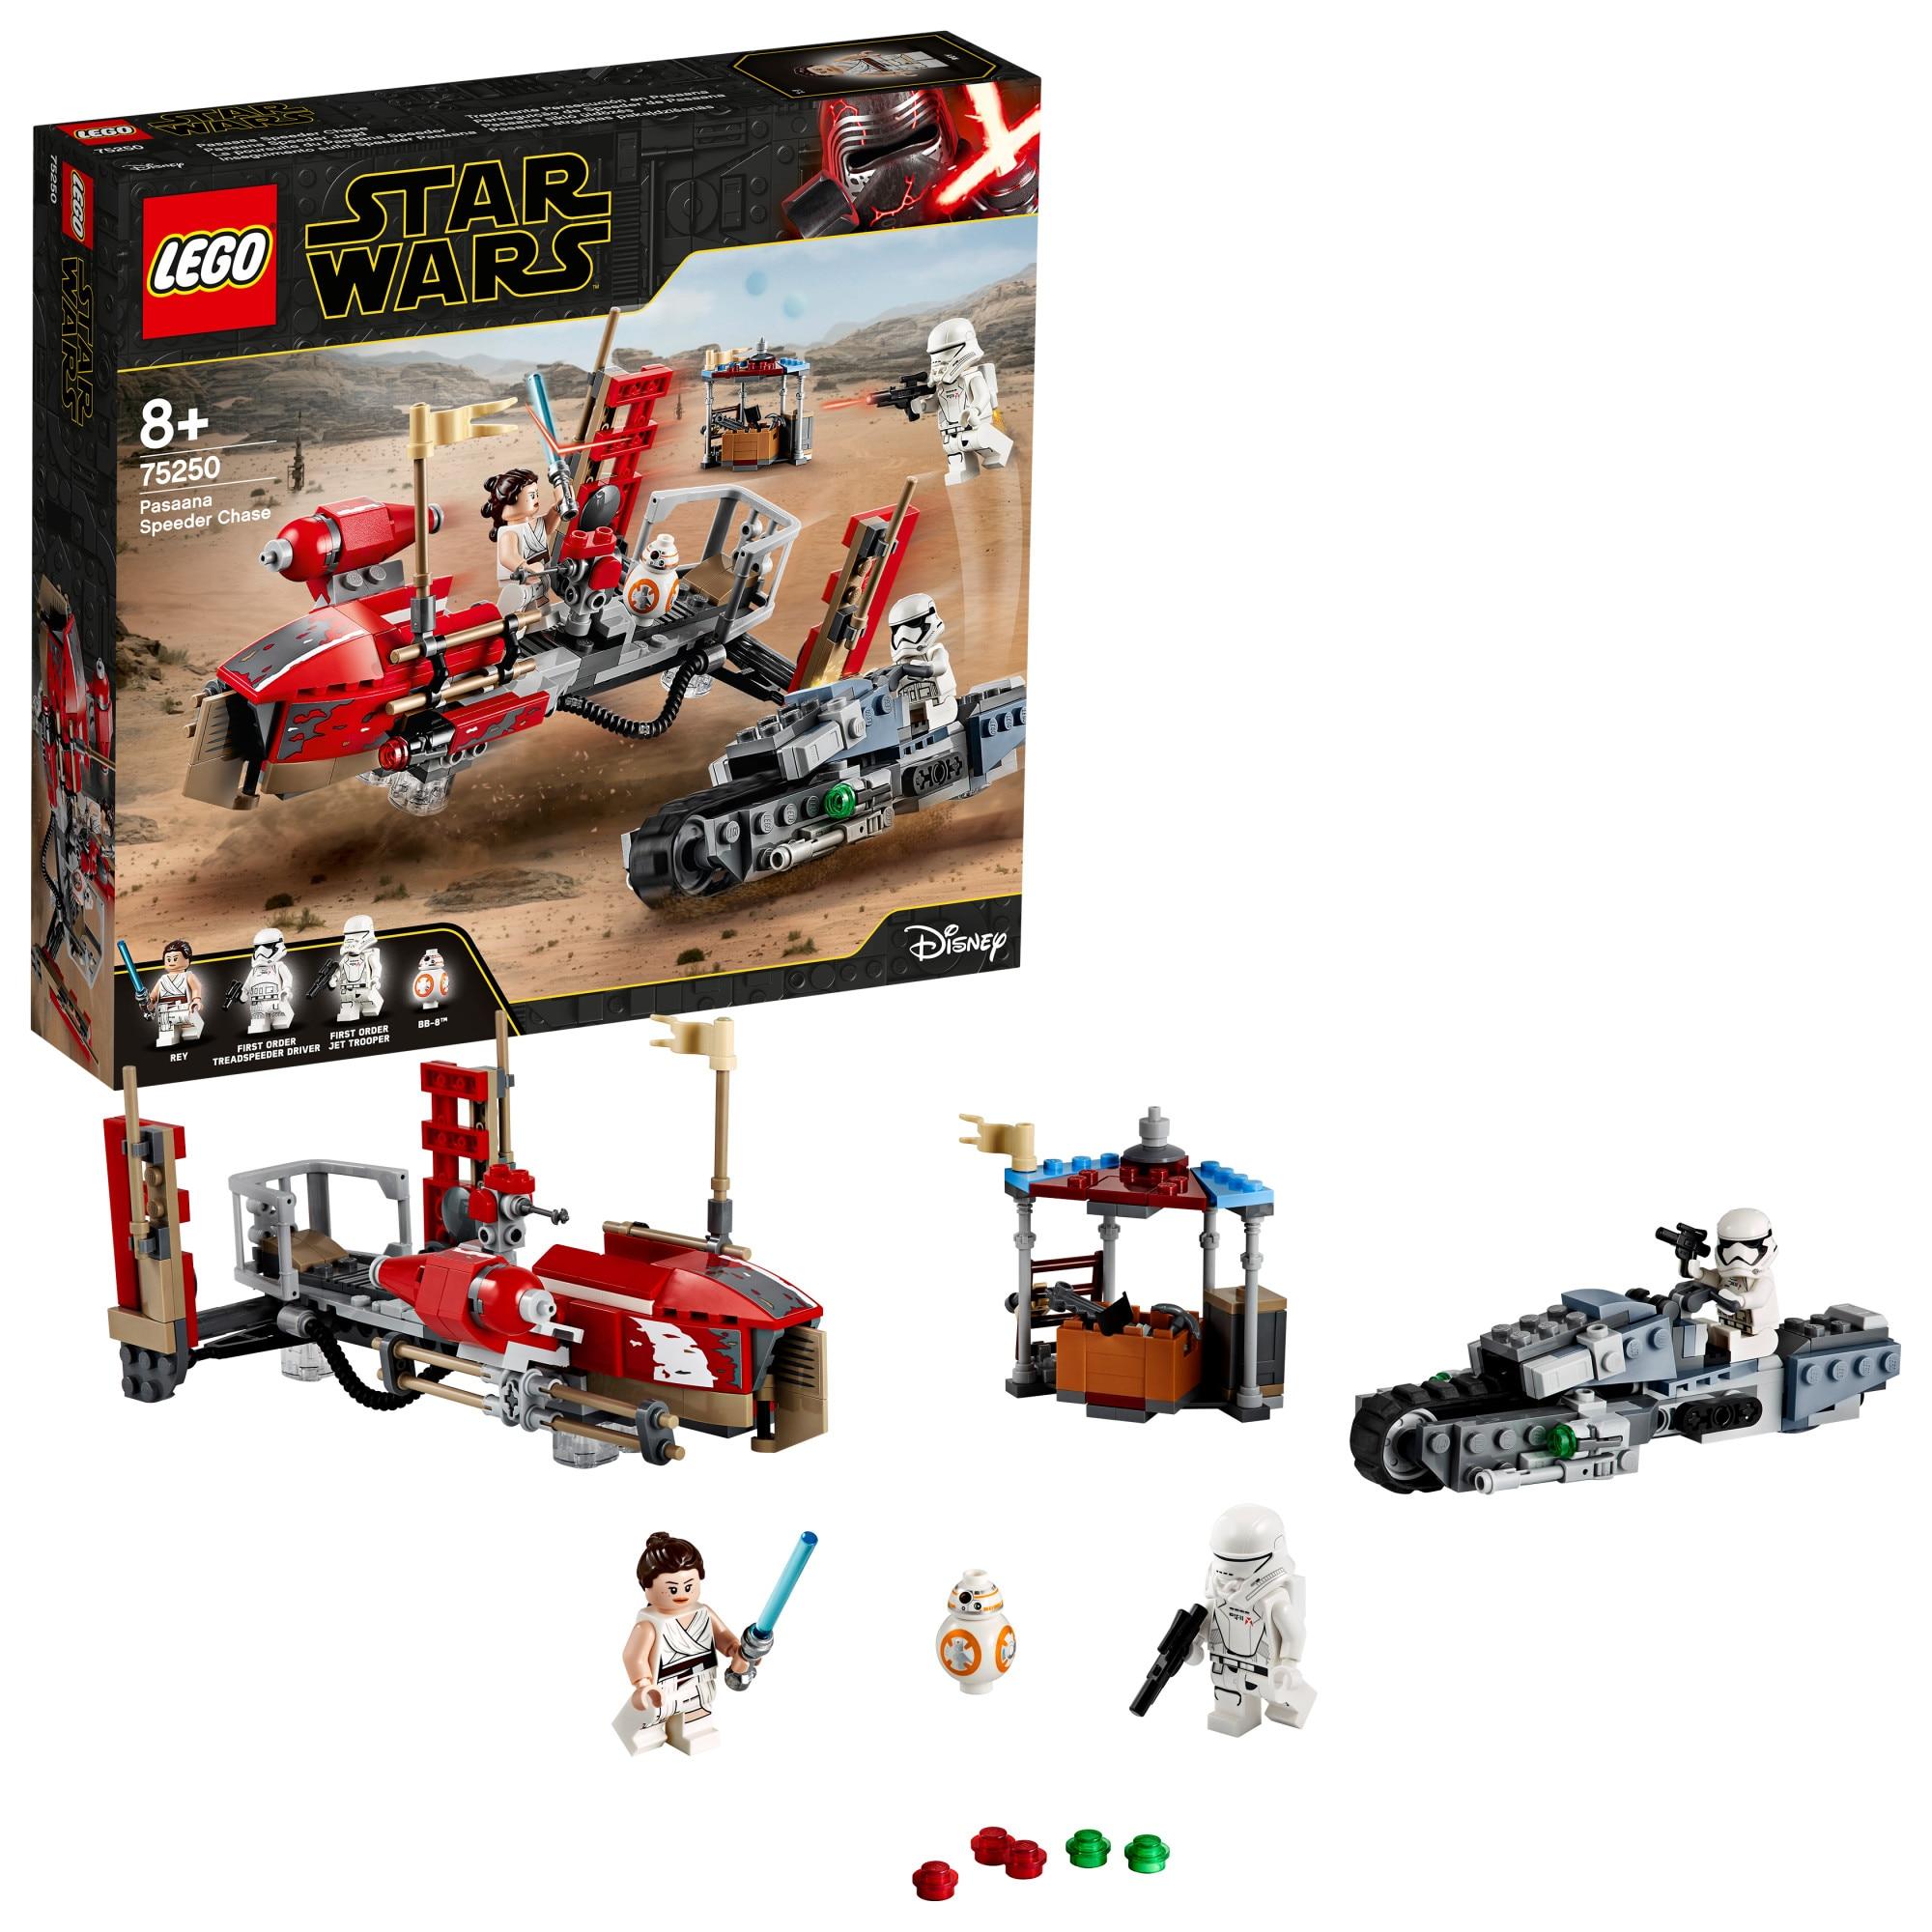 LEGO® Star Wars 75250 - Pasaana sikló üldözés AccKg8